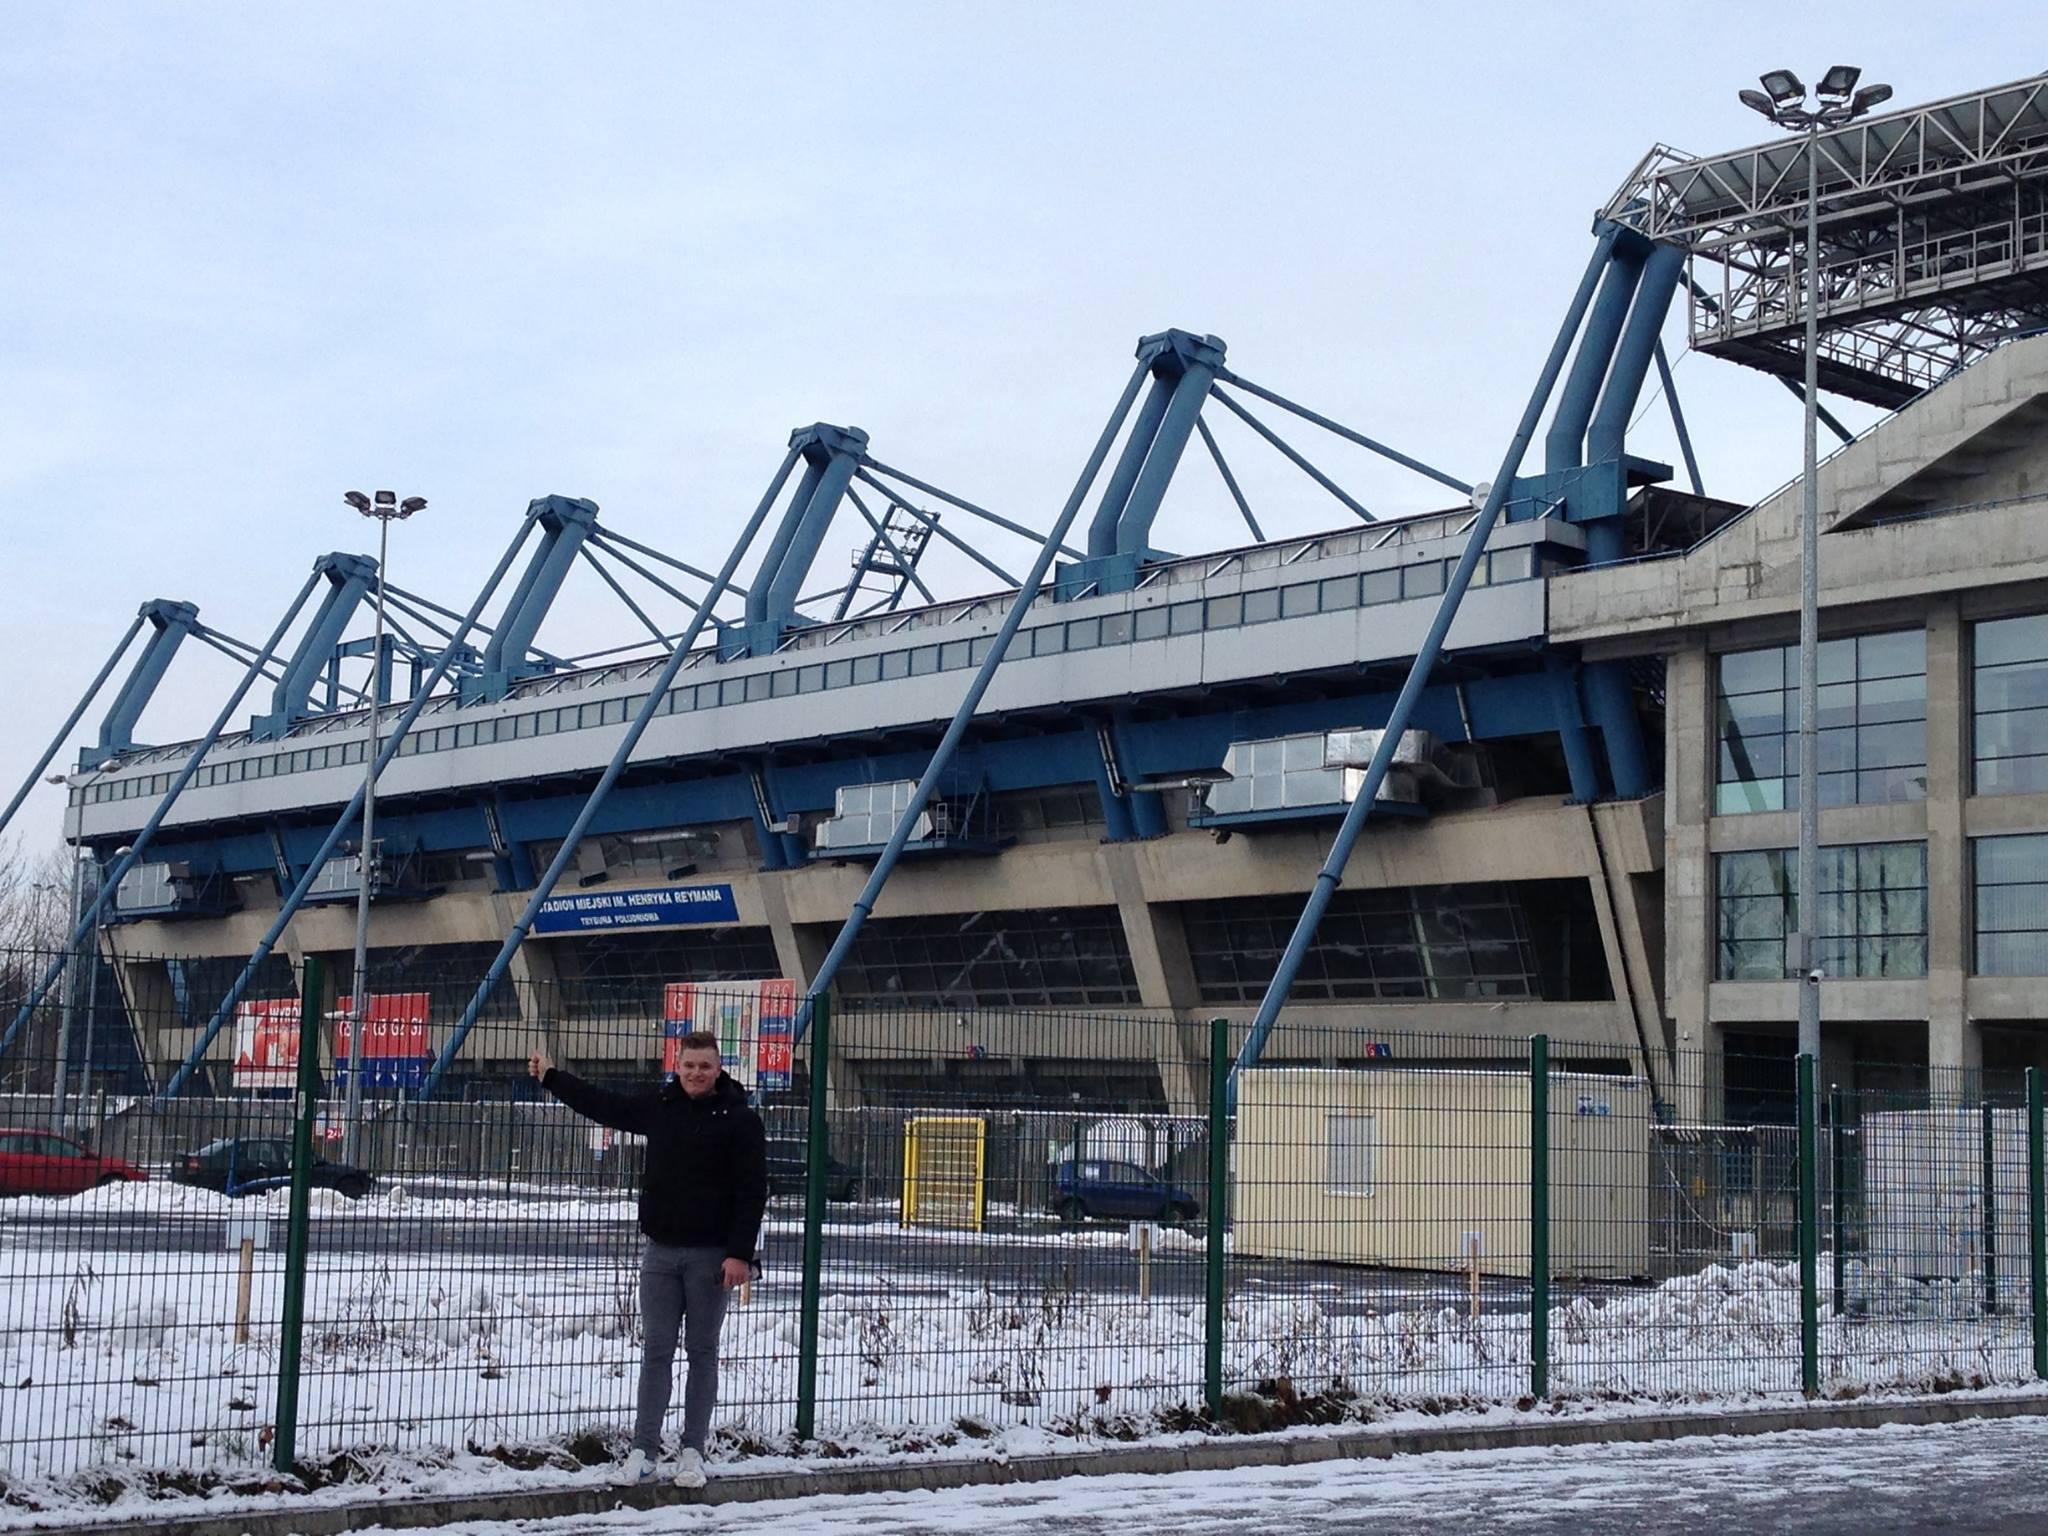 Stadion-Miejski-Wisla-Krakow-Poland